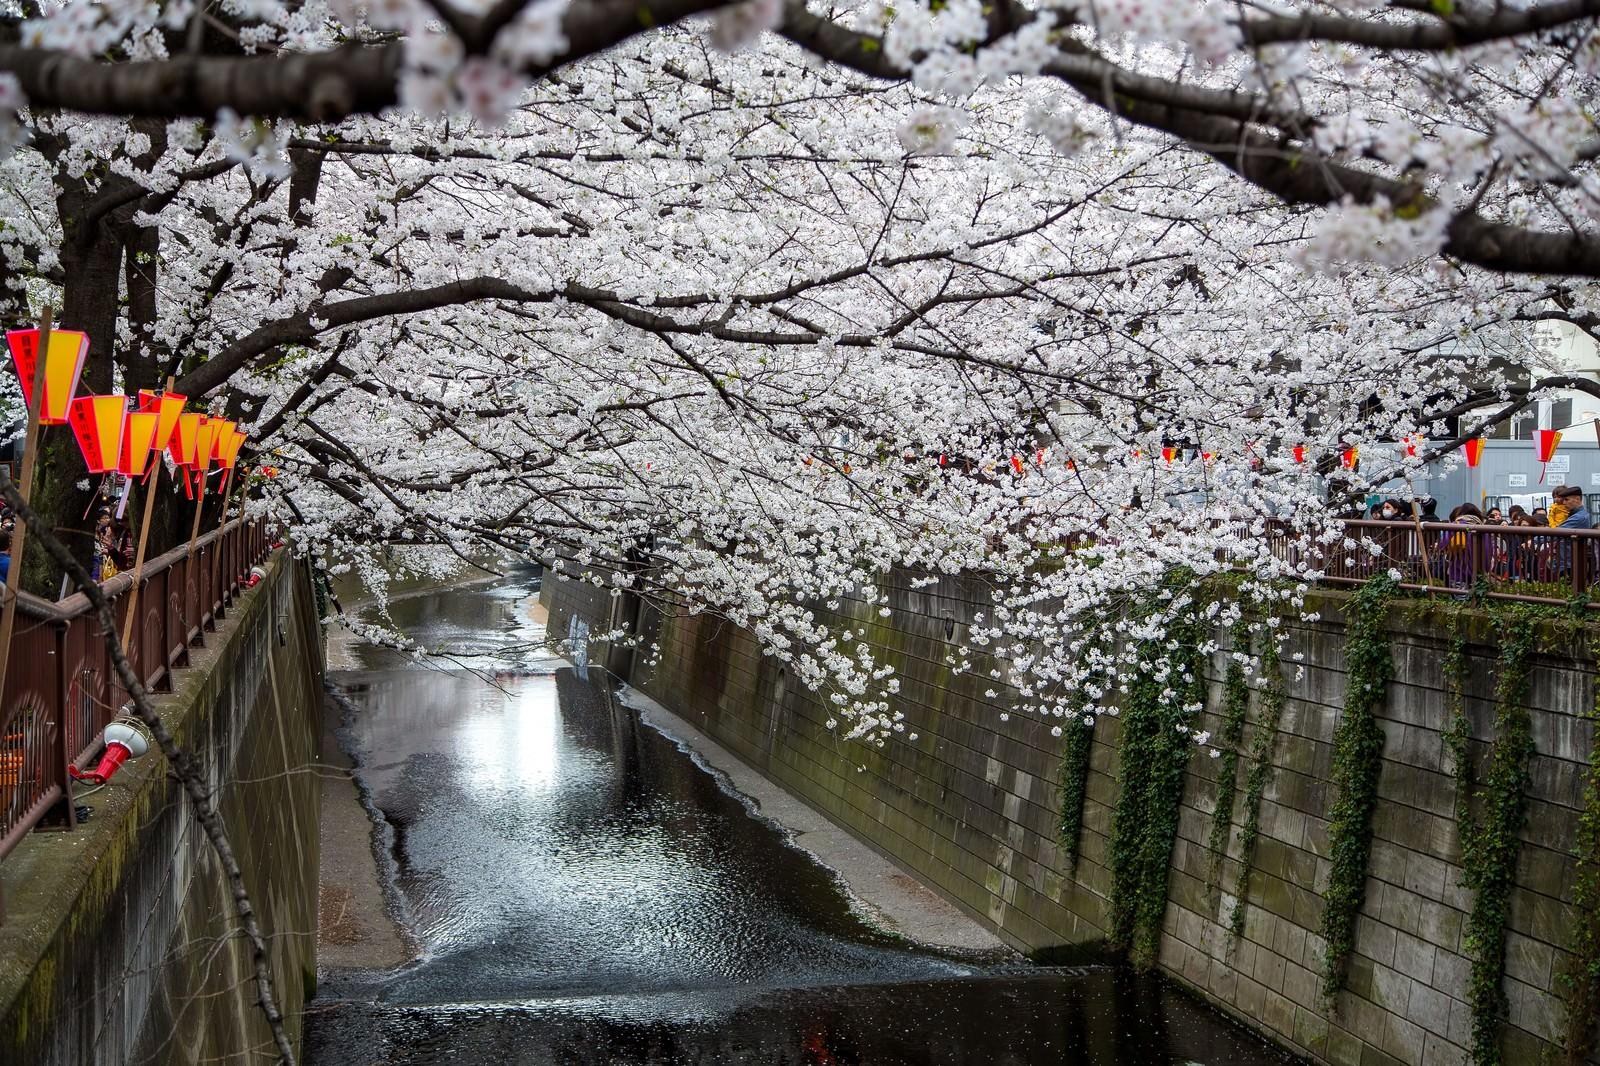 「目黒川の連なる桜の木」の写真